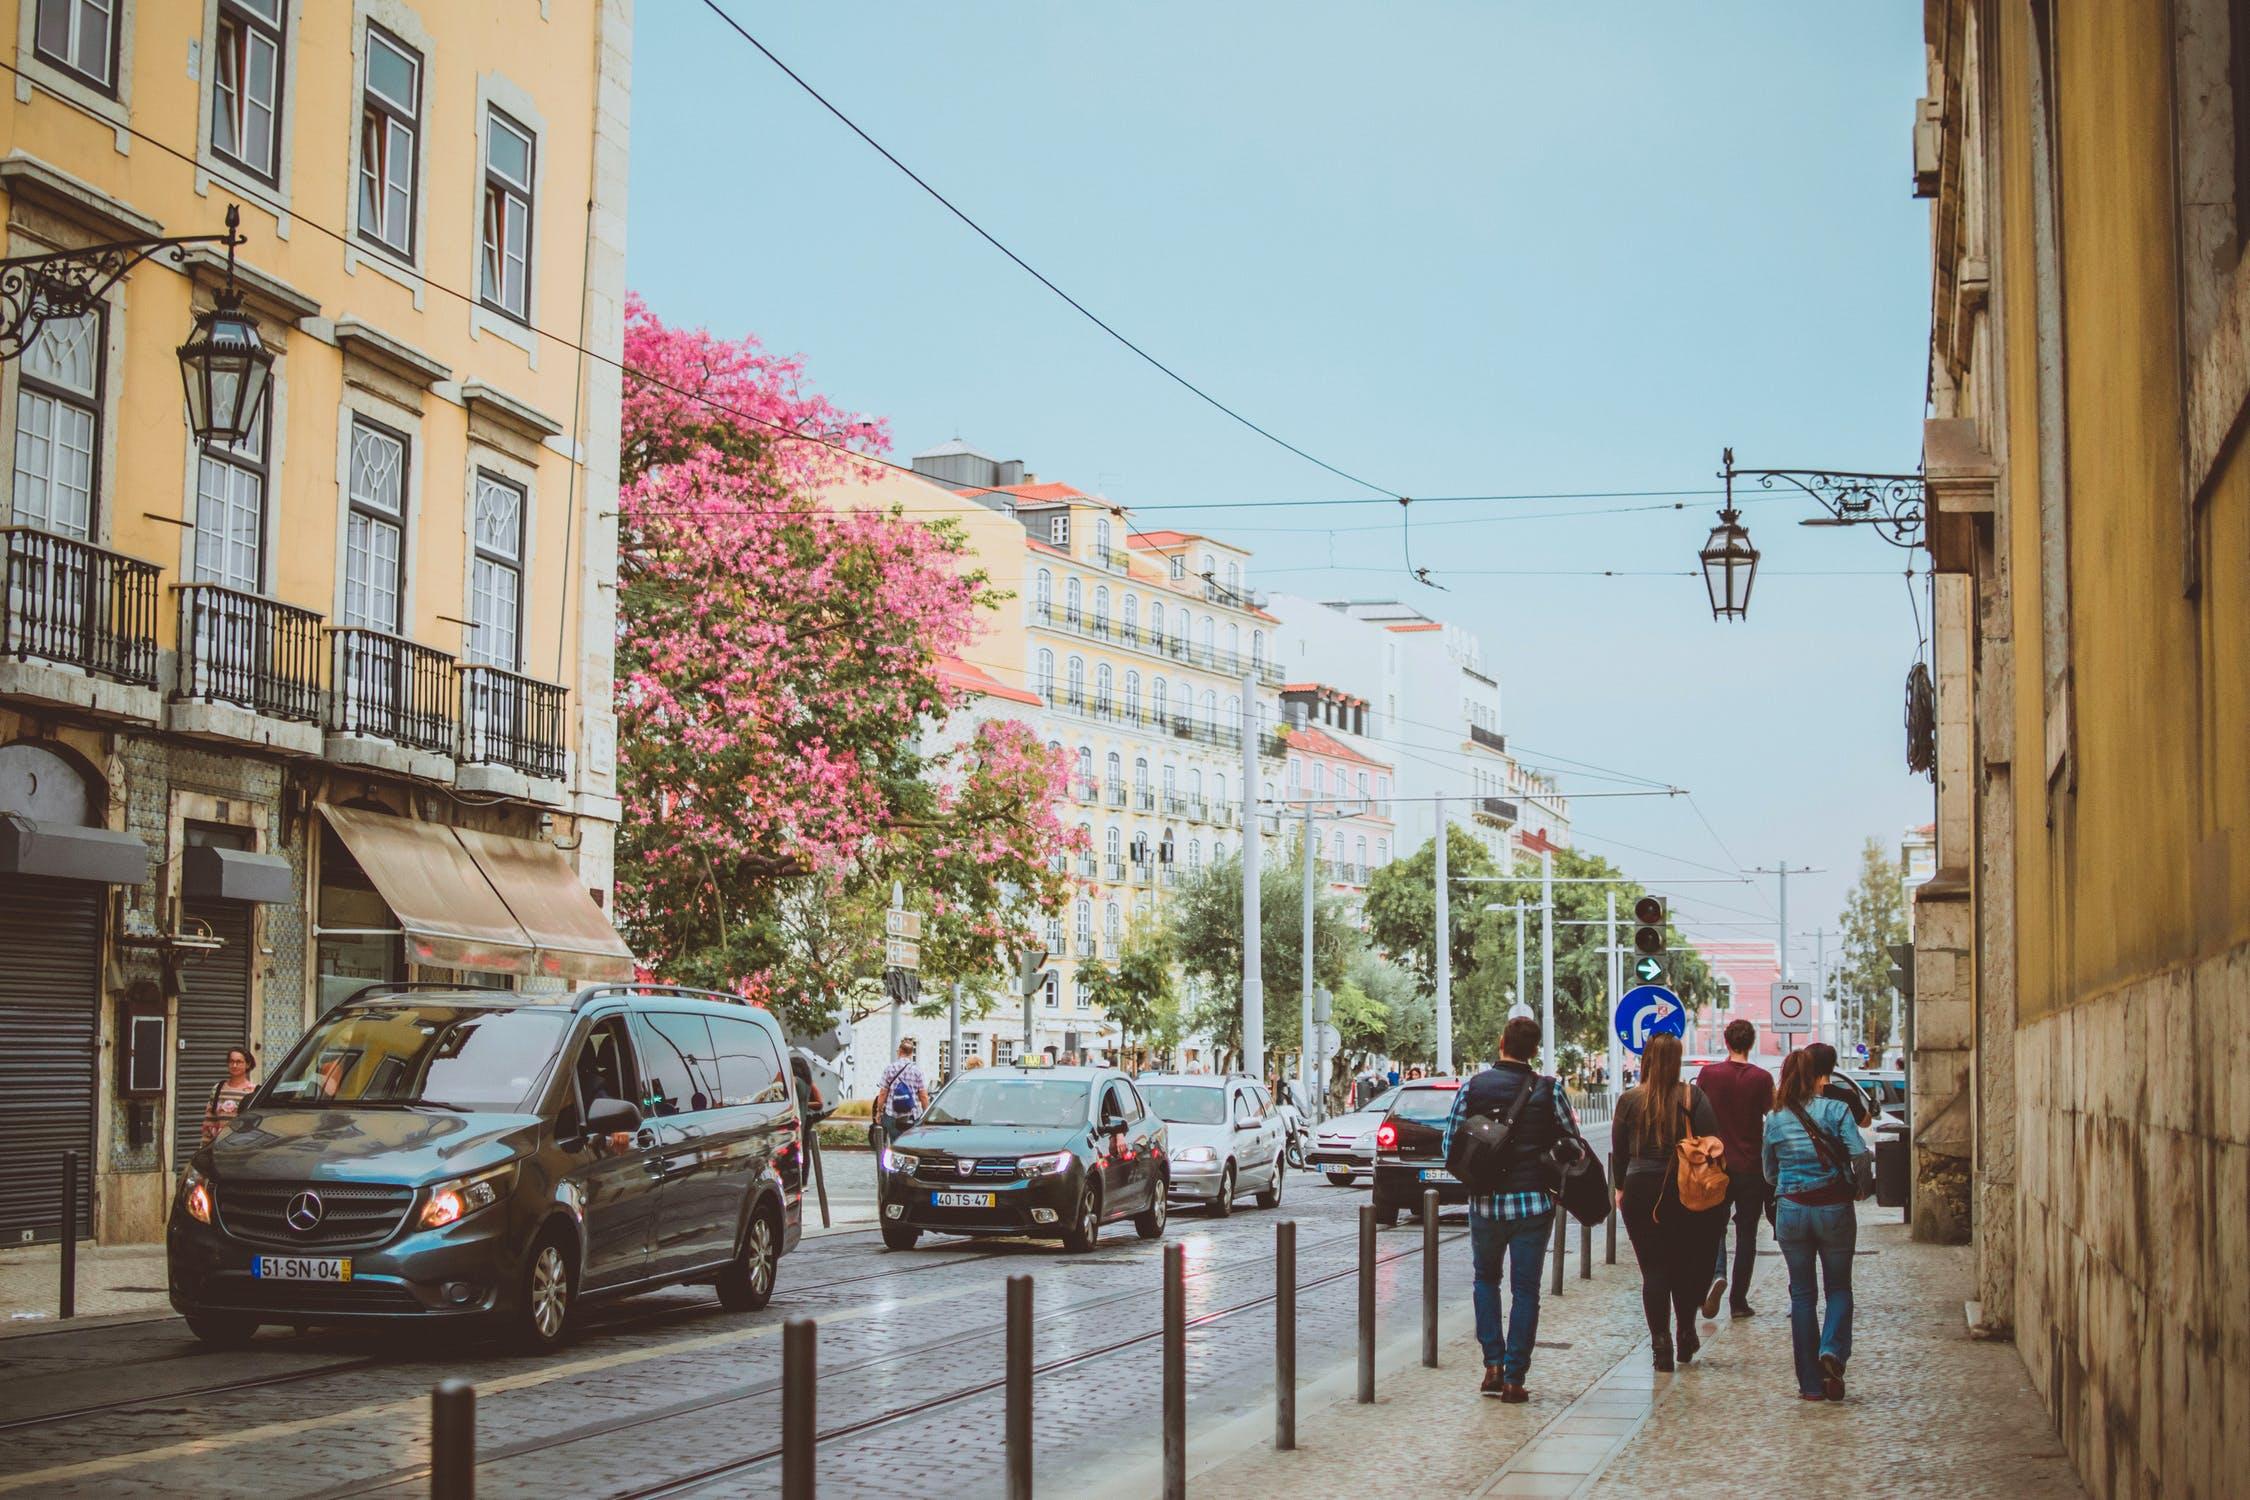 Avec cette prime de 6500 euros, le Portugal espère attirer les émigrés partis pendant la crise